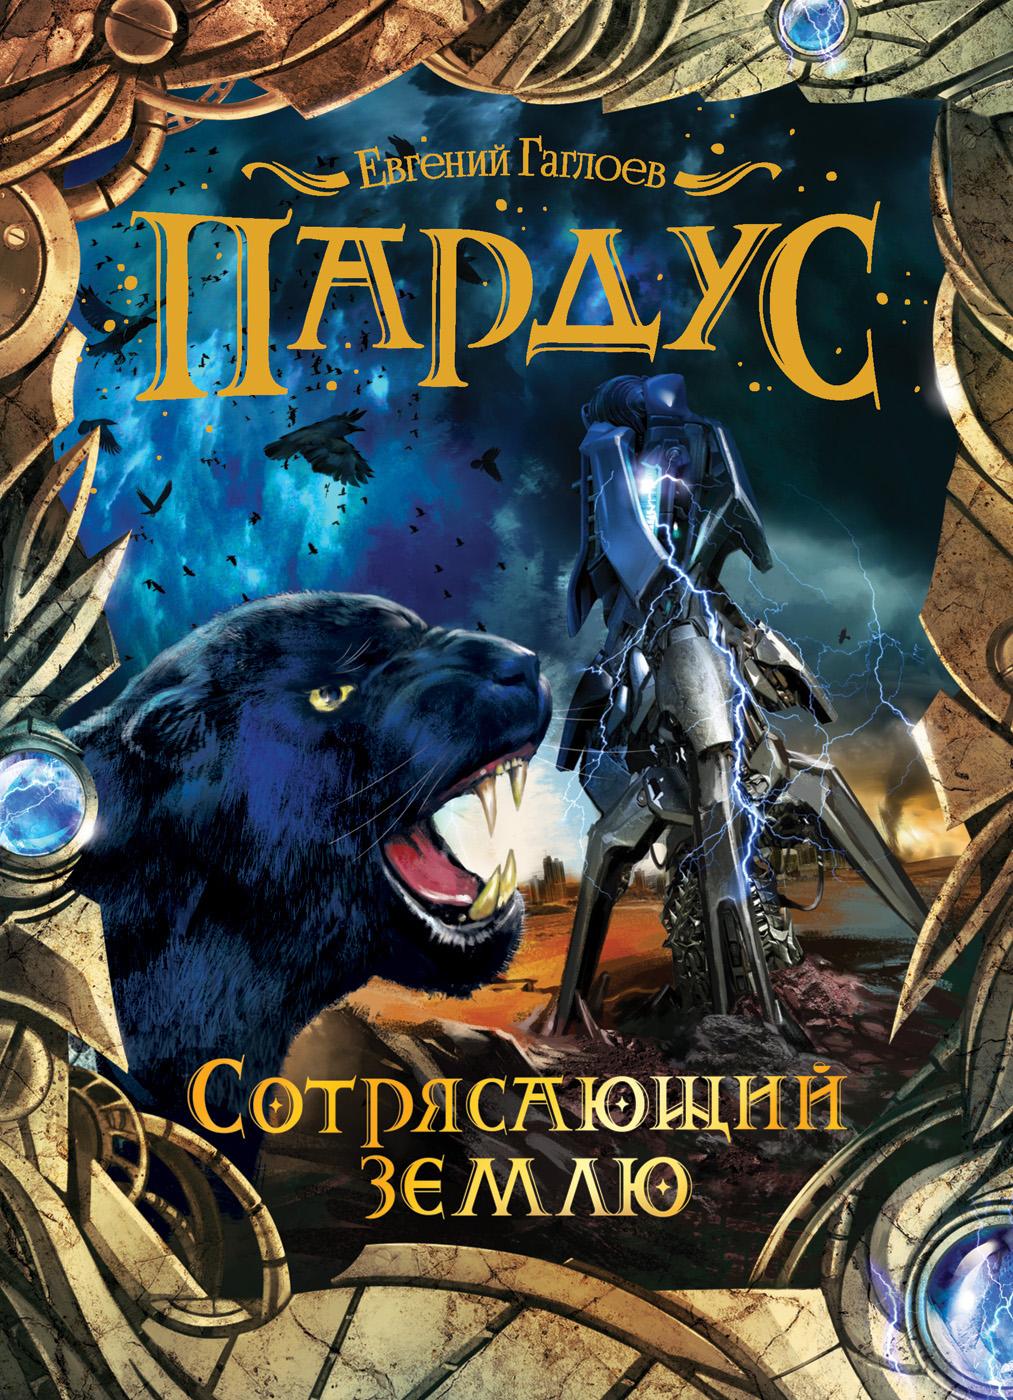 Евгений Гаглоев Сотрясающий землю стоимость